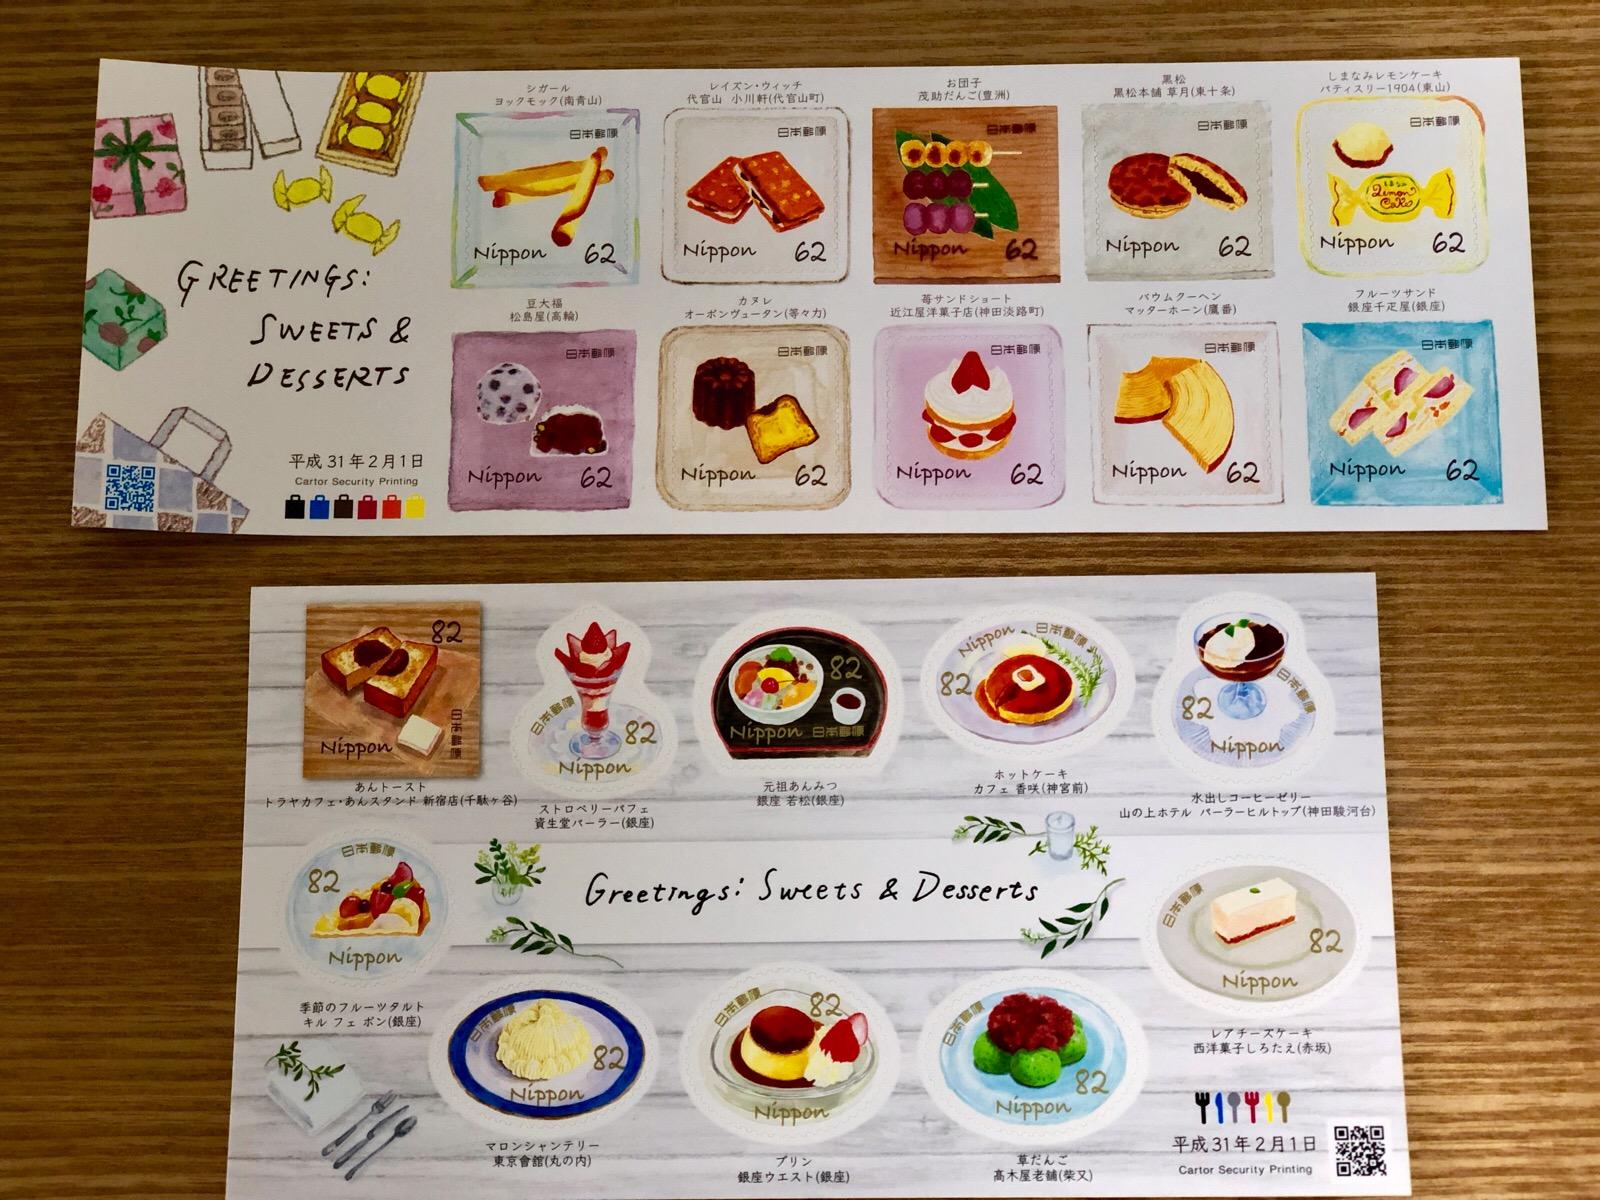 スイーツ シール切手 62円と82円 2019年2月1日発売